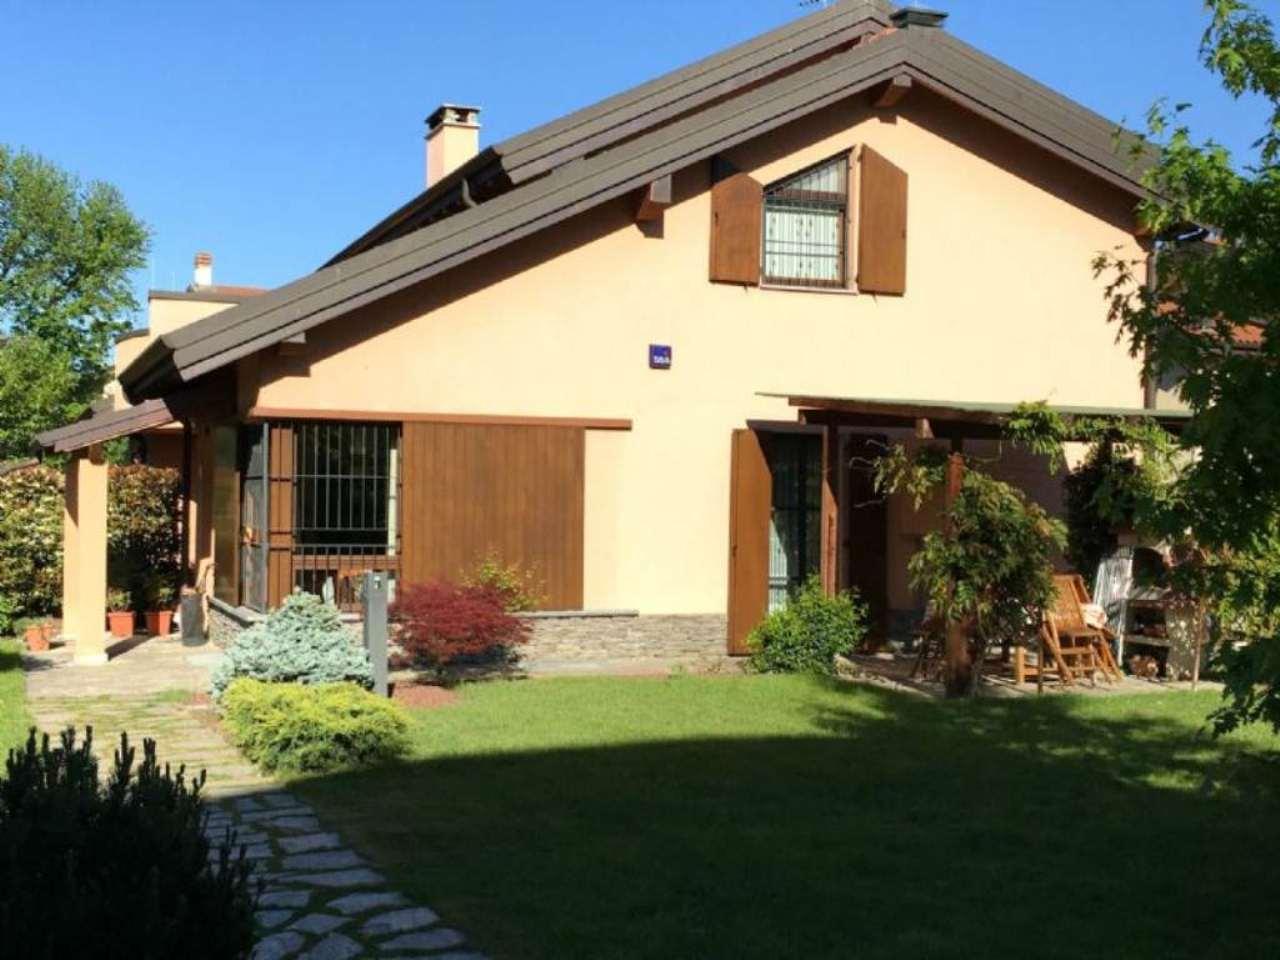 Villa Bifamiliare in vendita a Cisliano, 5 locali, prezzo € 418.000 | Cambio Casa.it